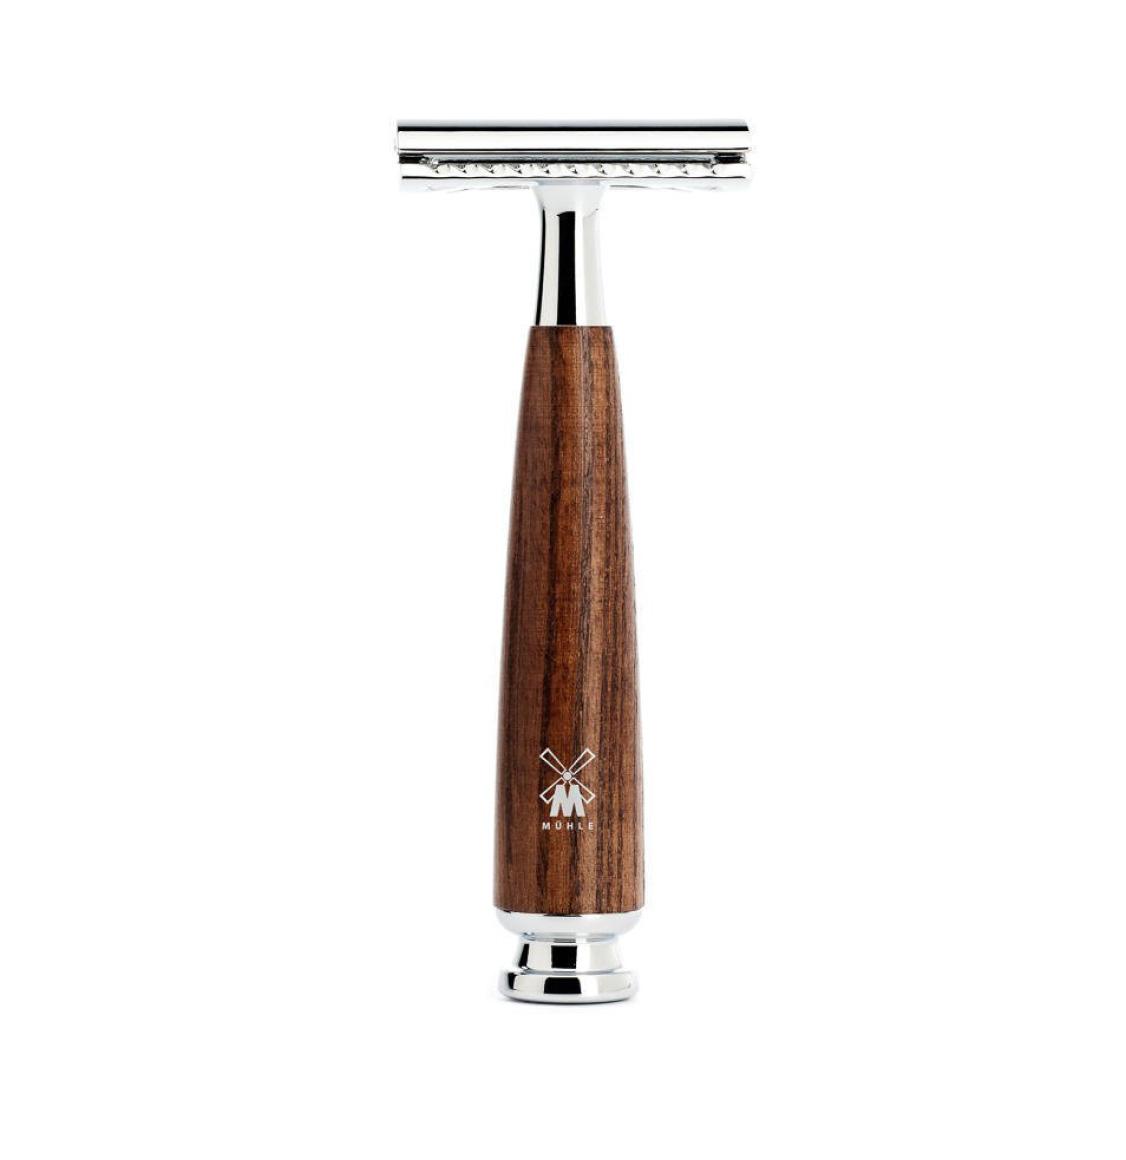 Muhle Rytmo Shaving Set Pure Badger Brush With Safety Razor and Bowl